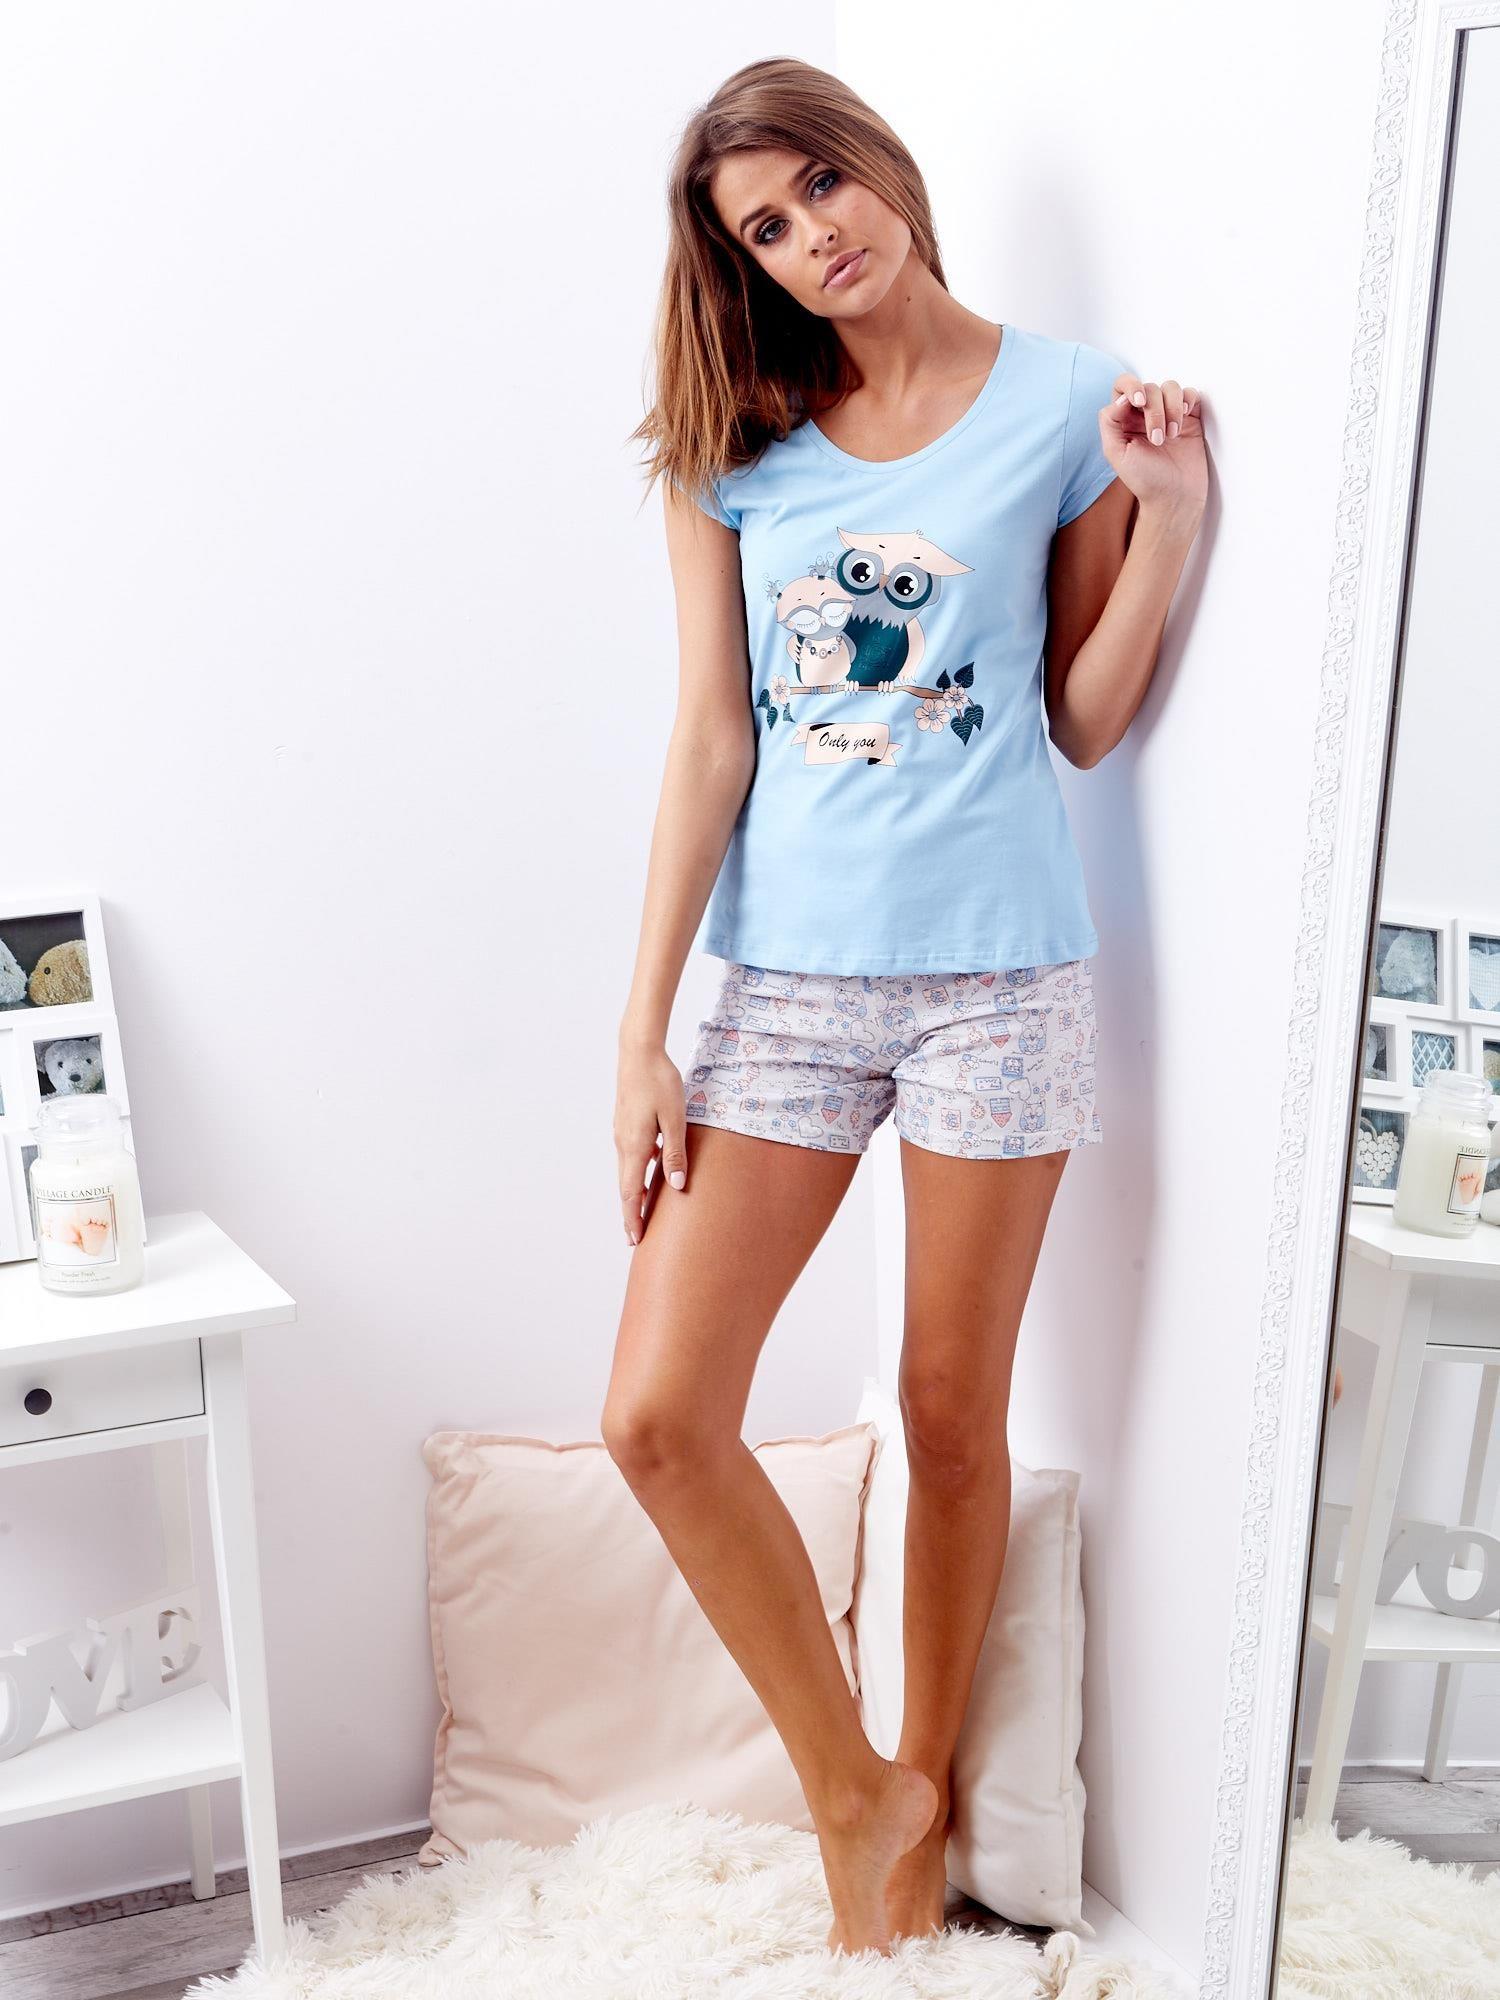 400ed4864ae486 Niebieska piżama damska w sowy - Bielizna piżama - sklep eButik.pl